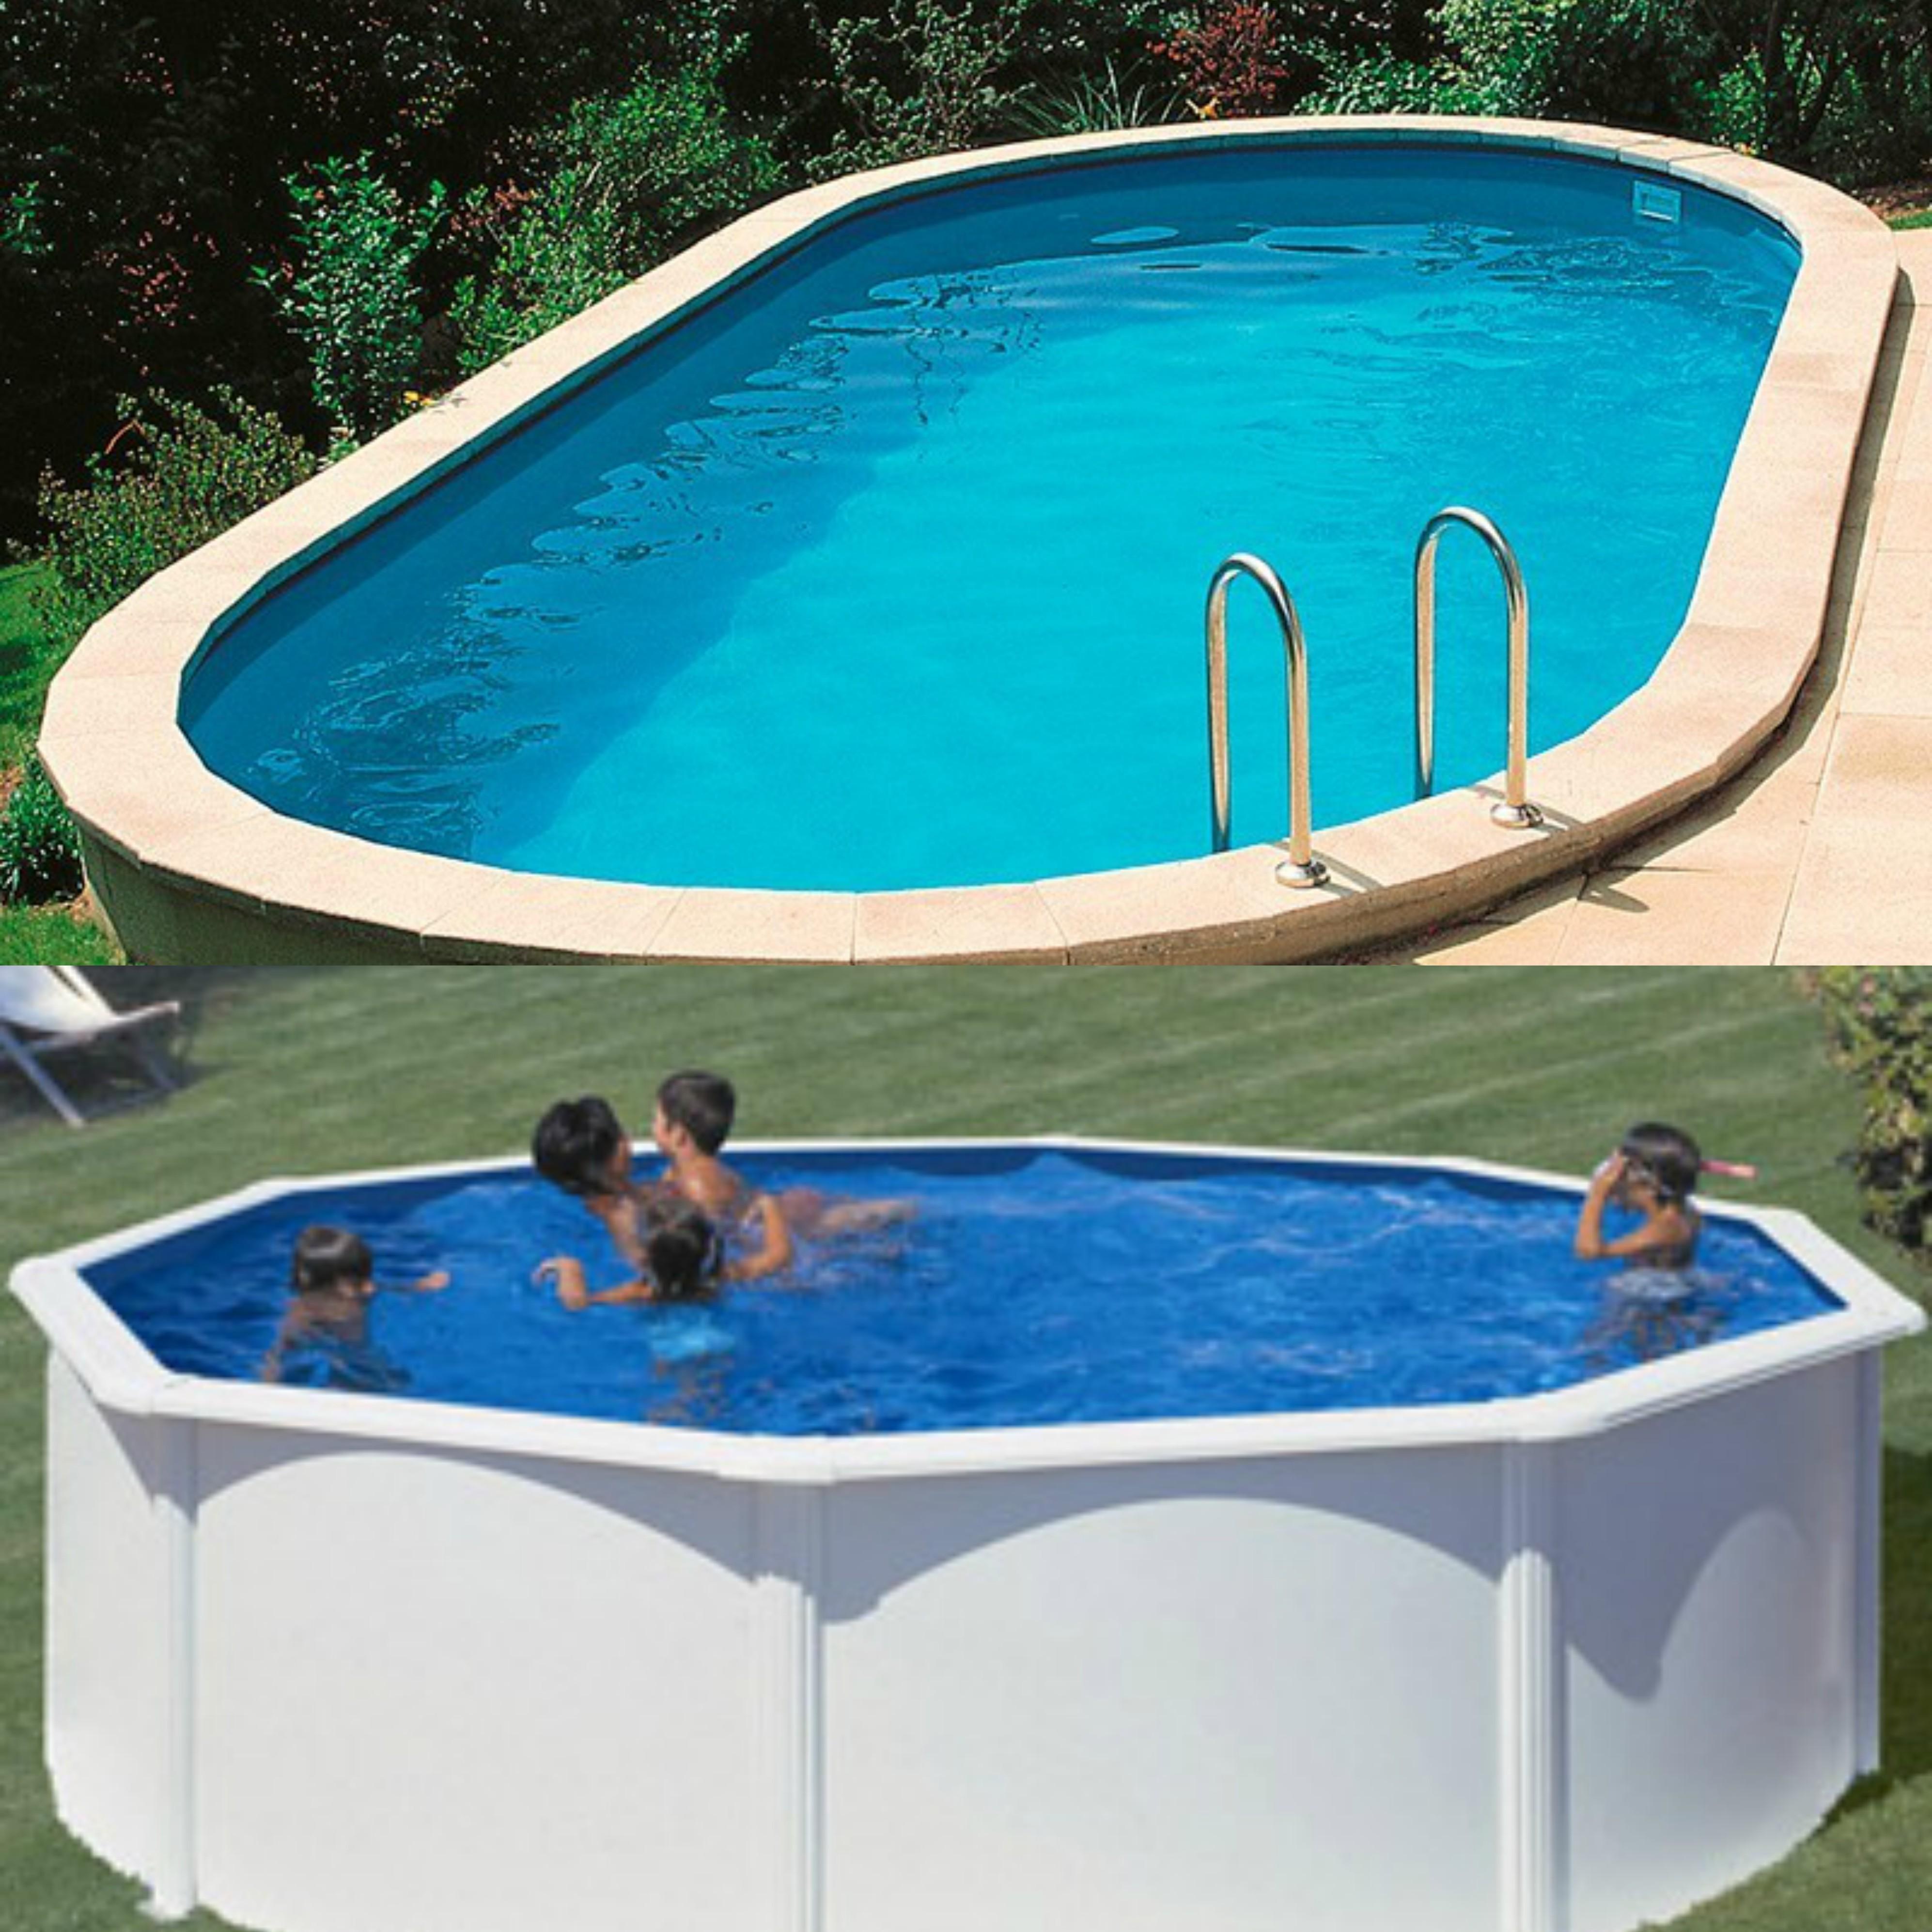 Gre psv51 limpiafondos manual con accesorios para Limpiafondos para piscinas